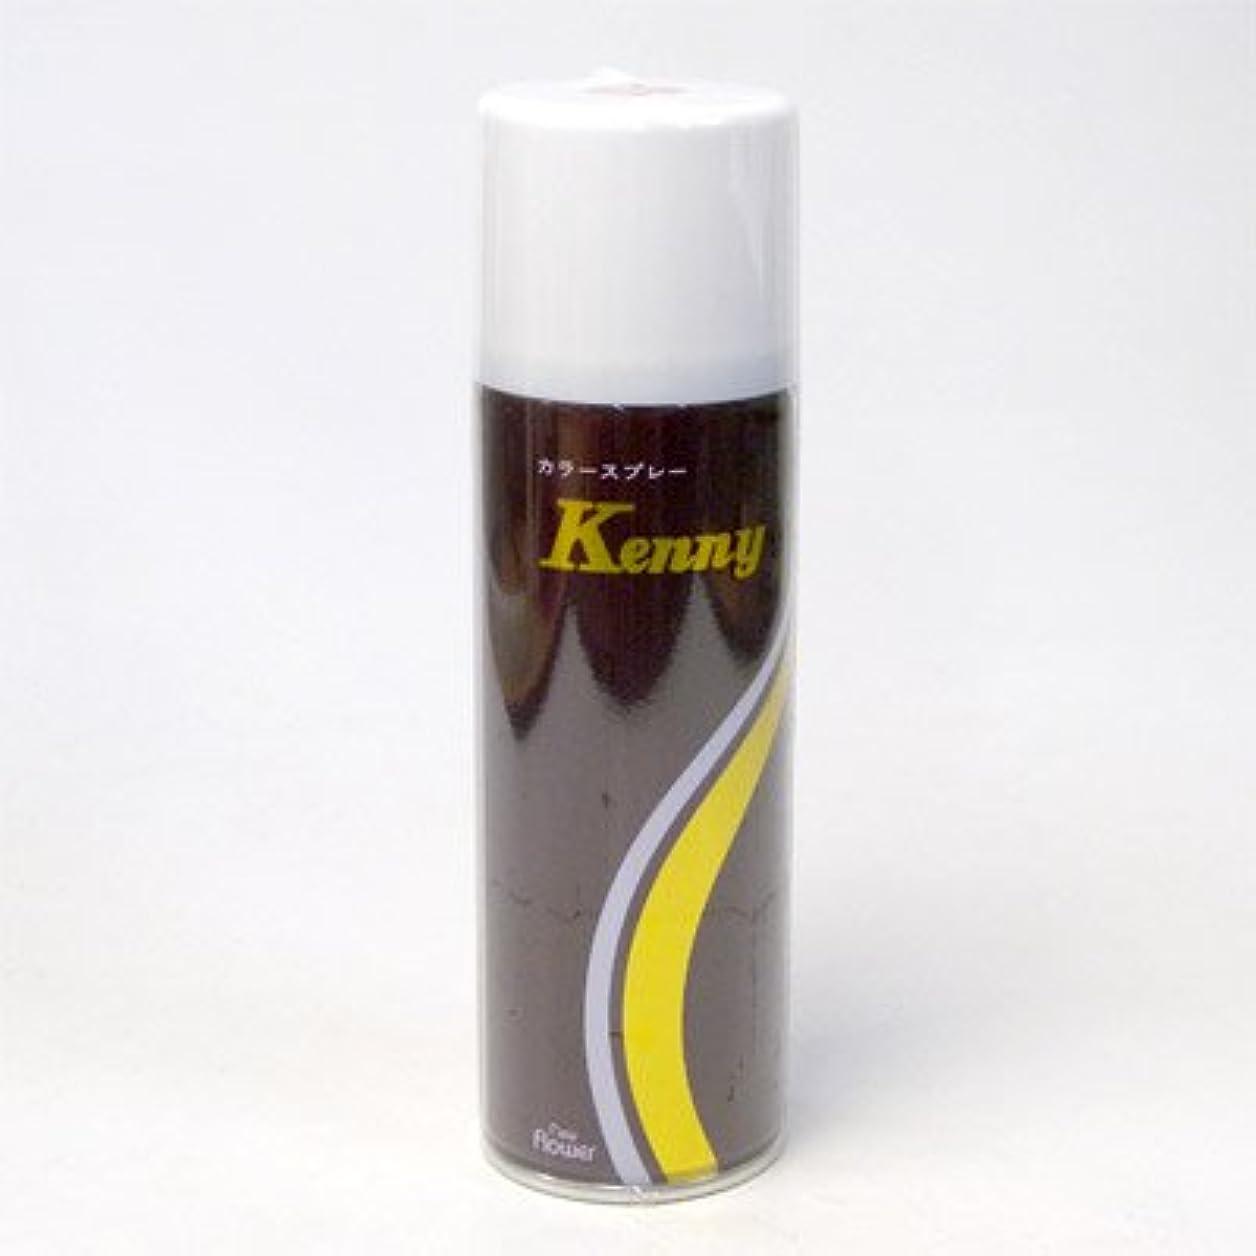 ハングけん引月ケニーカラースプレーL 125g 茶 (ブラウン)